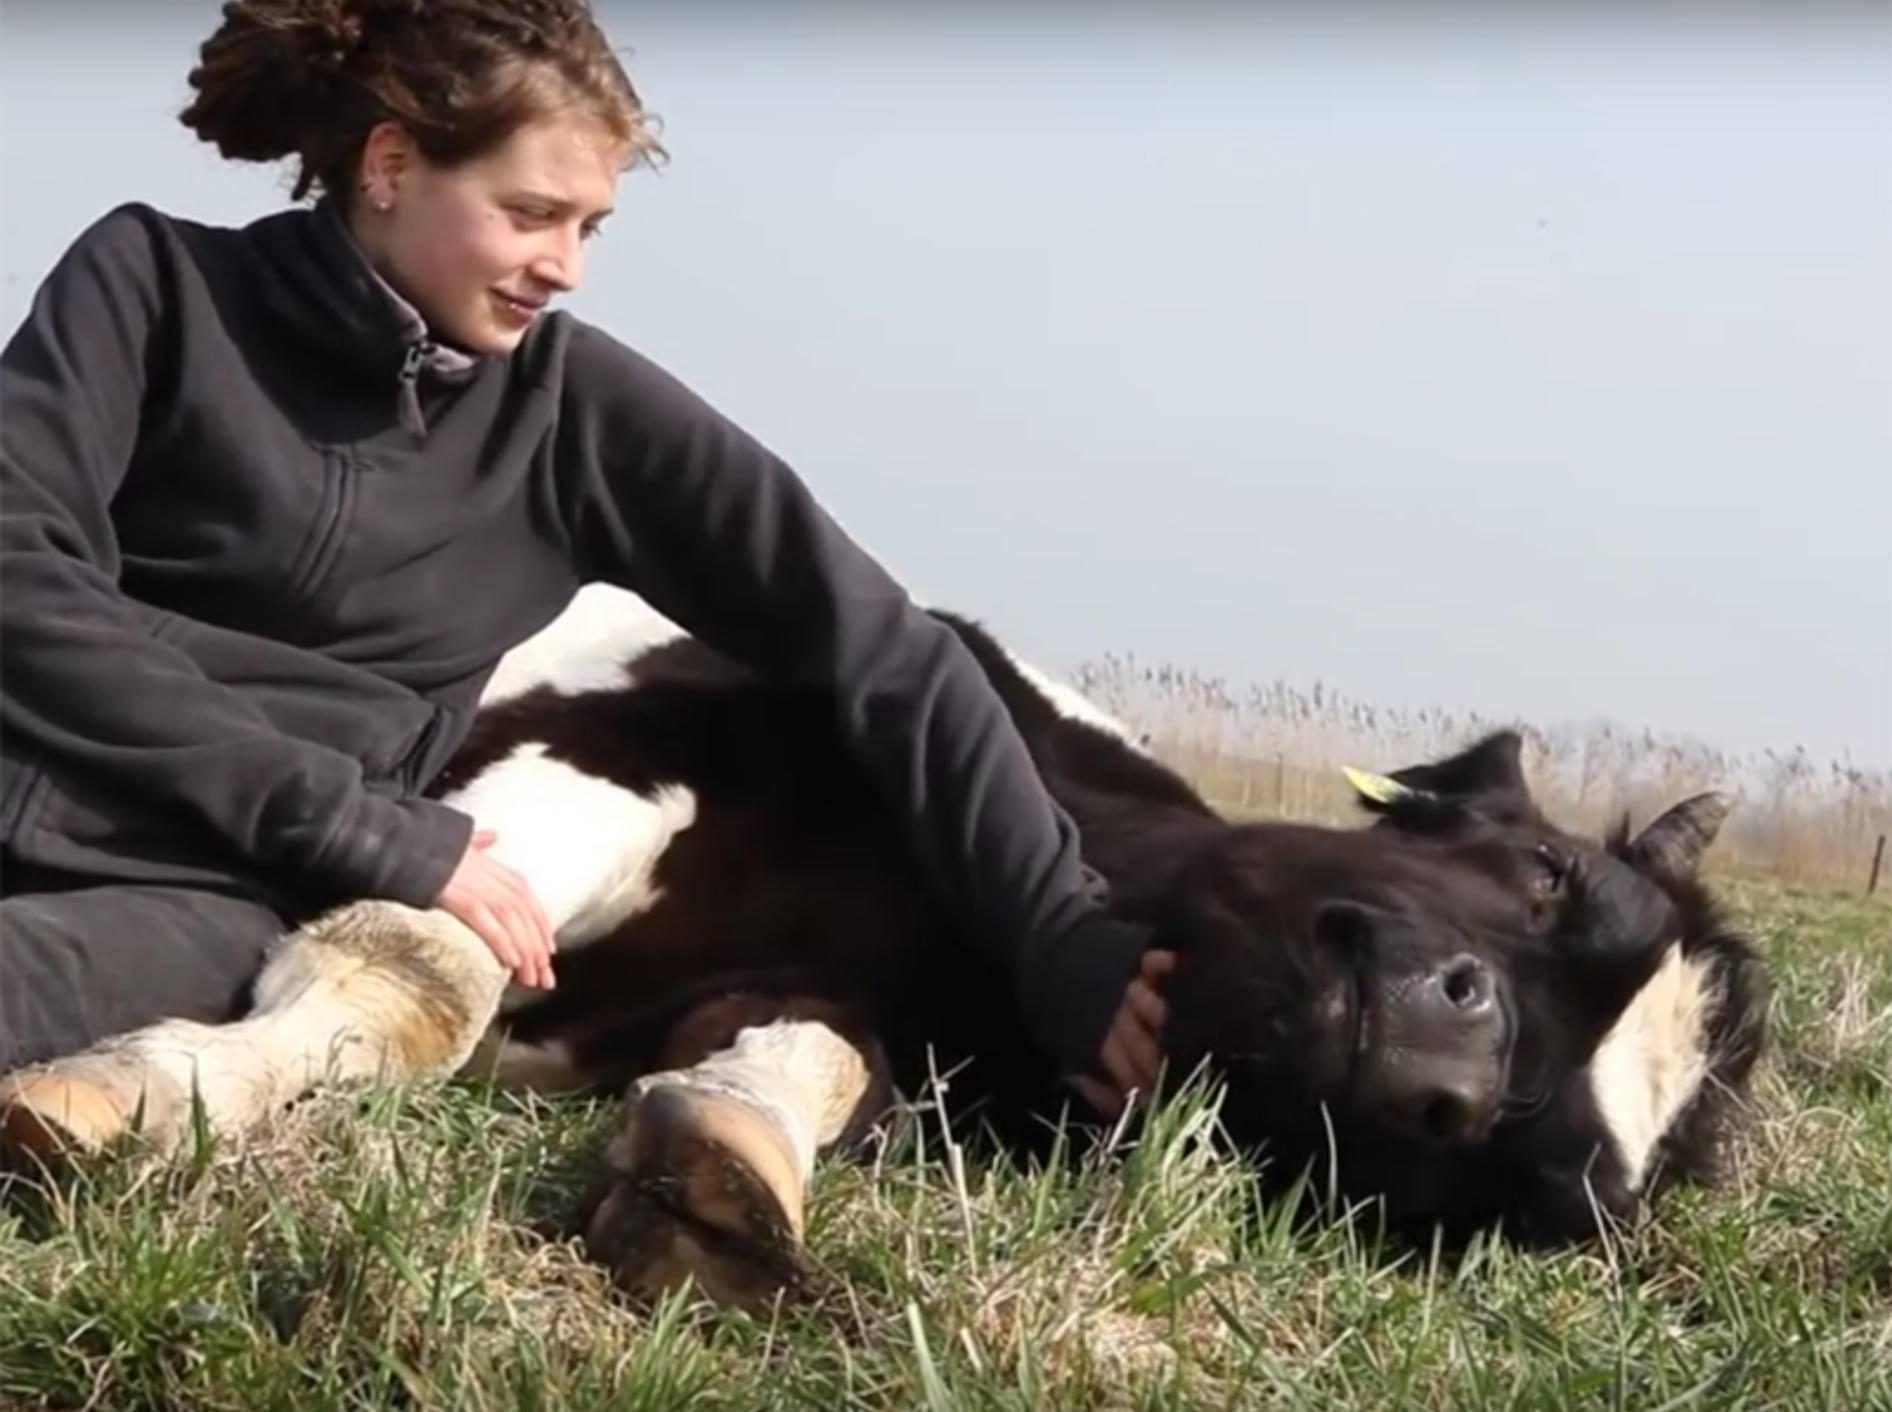 Kuh Fiete schnurrt beim Schmusen – YouTube / StiftungHofButenland